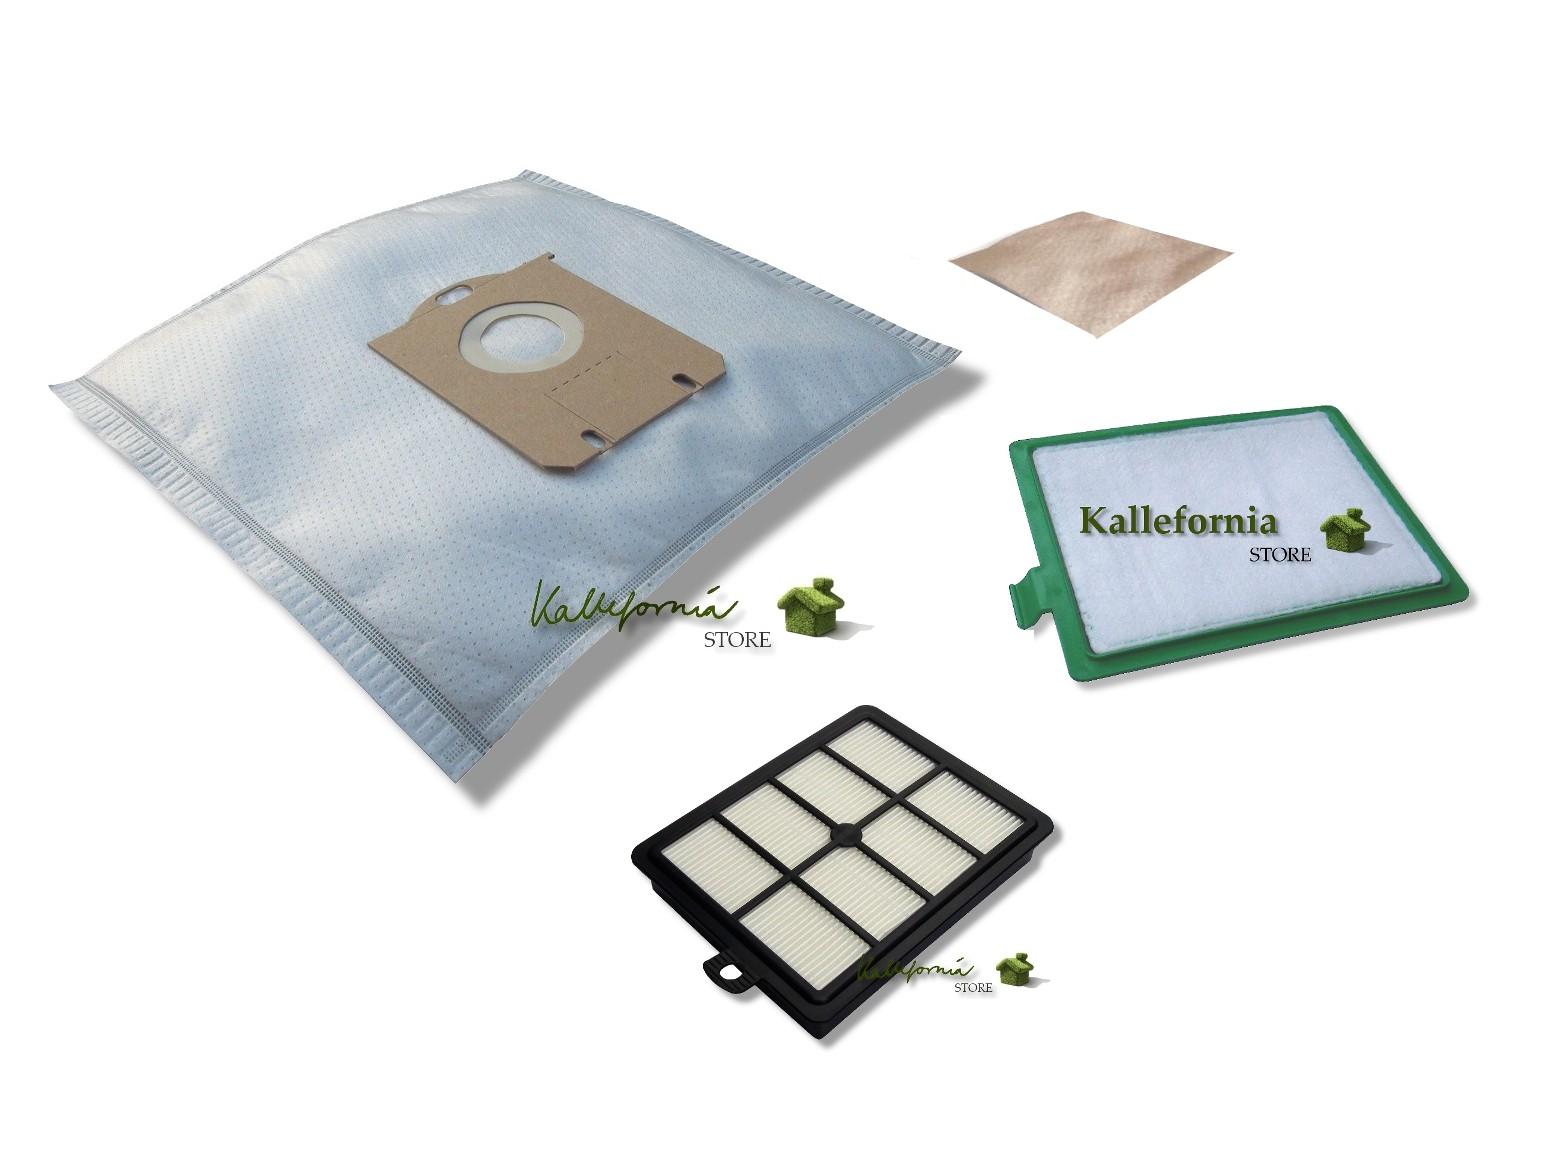 4 Staubsaugerbeutel Staubbeutel geeignet für AEG AP 4042 Ergo Classic ALLFLOOR